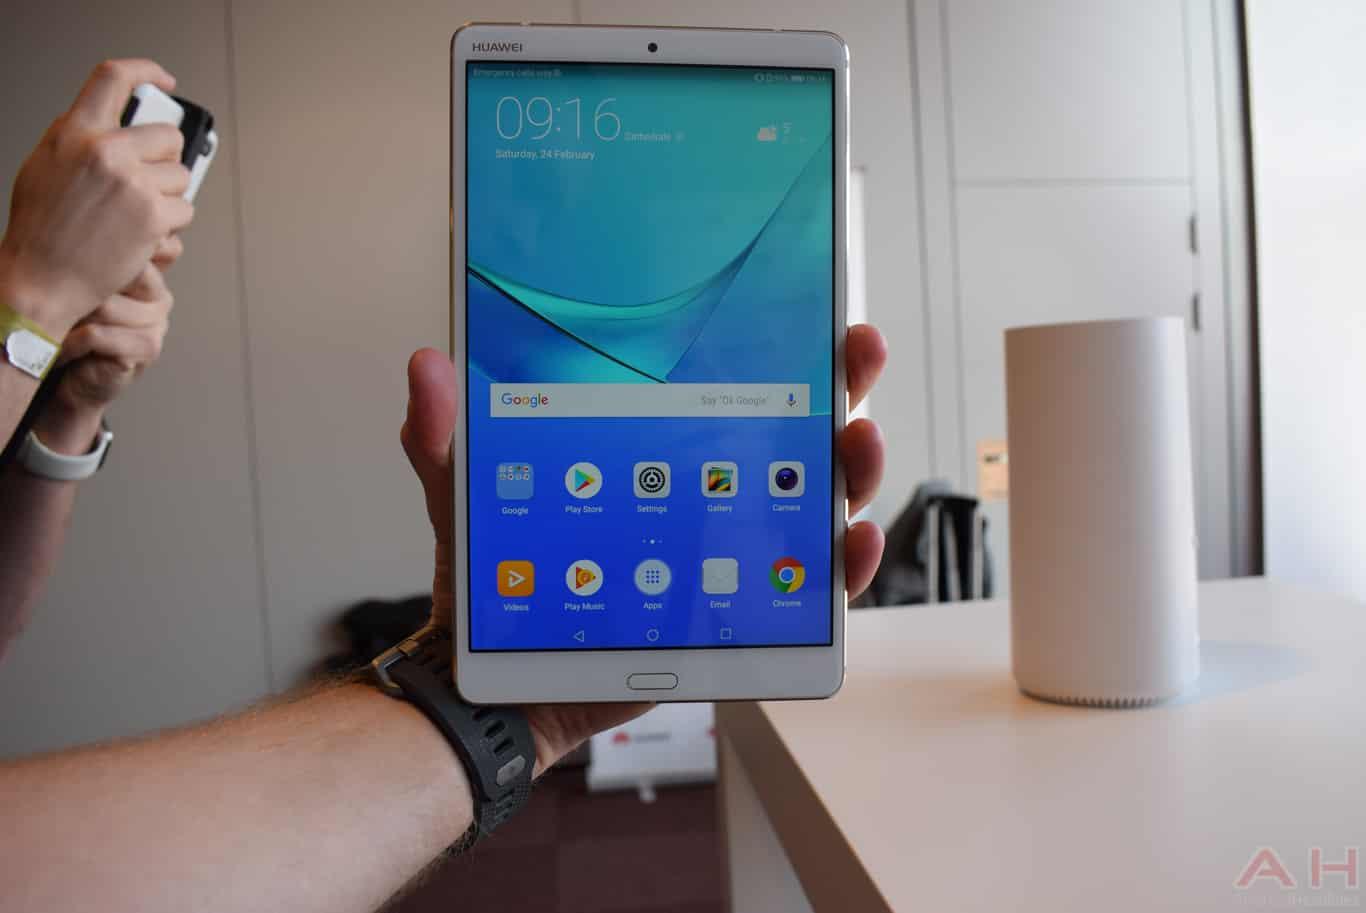 Huawei MediaPad M5 8.4 inch MWC 18 AM AH 1